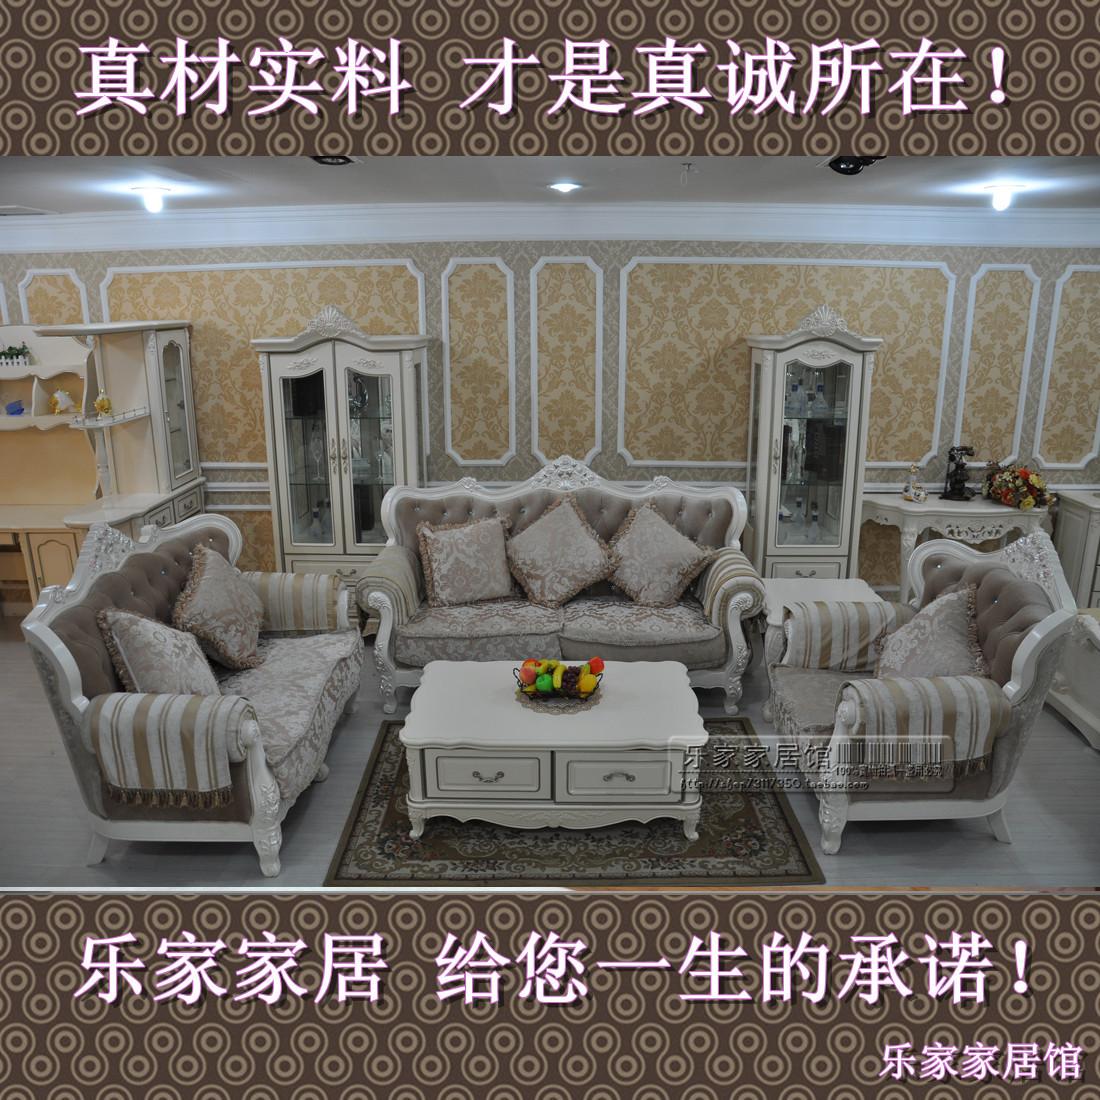 Диван из массива дерева Французский принц моды ткани древесины кадр диван диван специальные предлагает американский диван диван диван стиль Европейский стиль